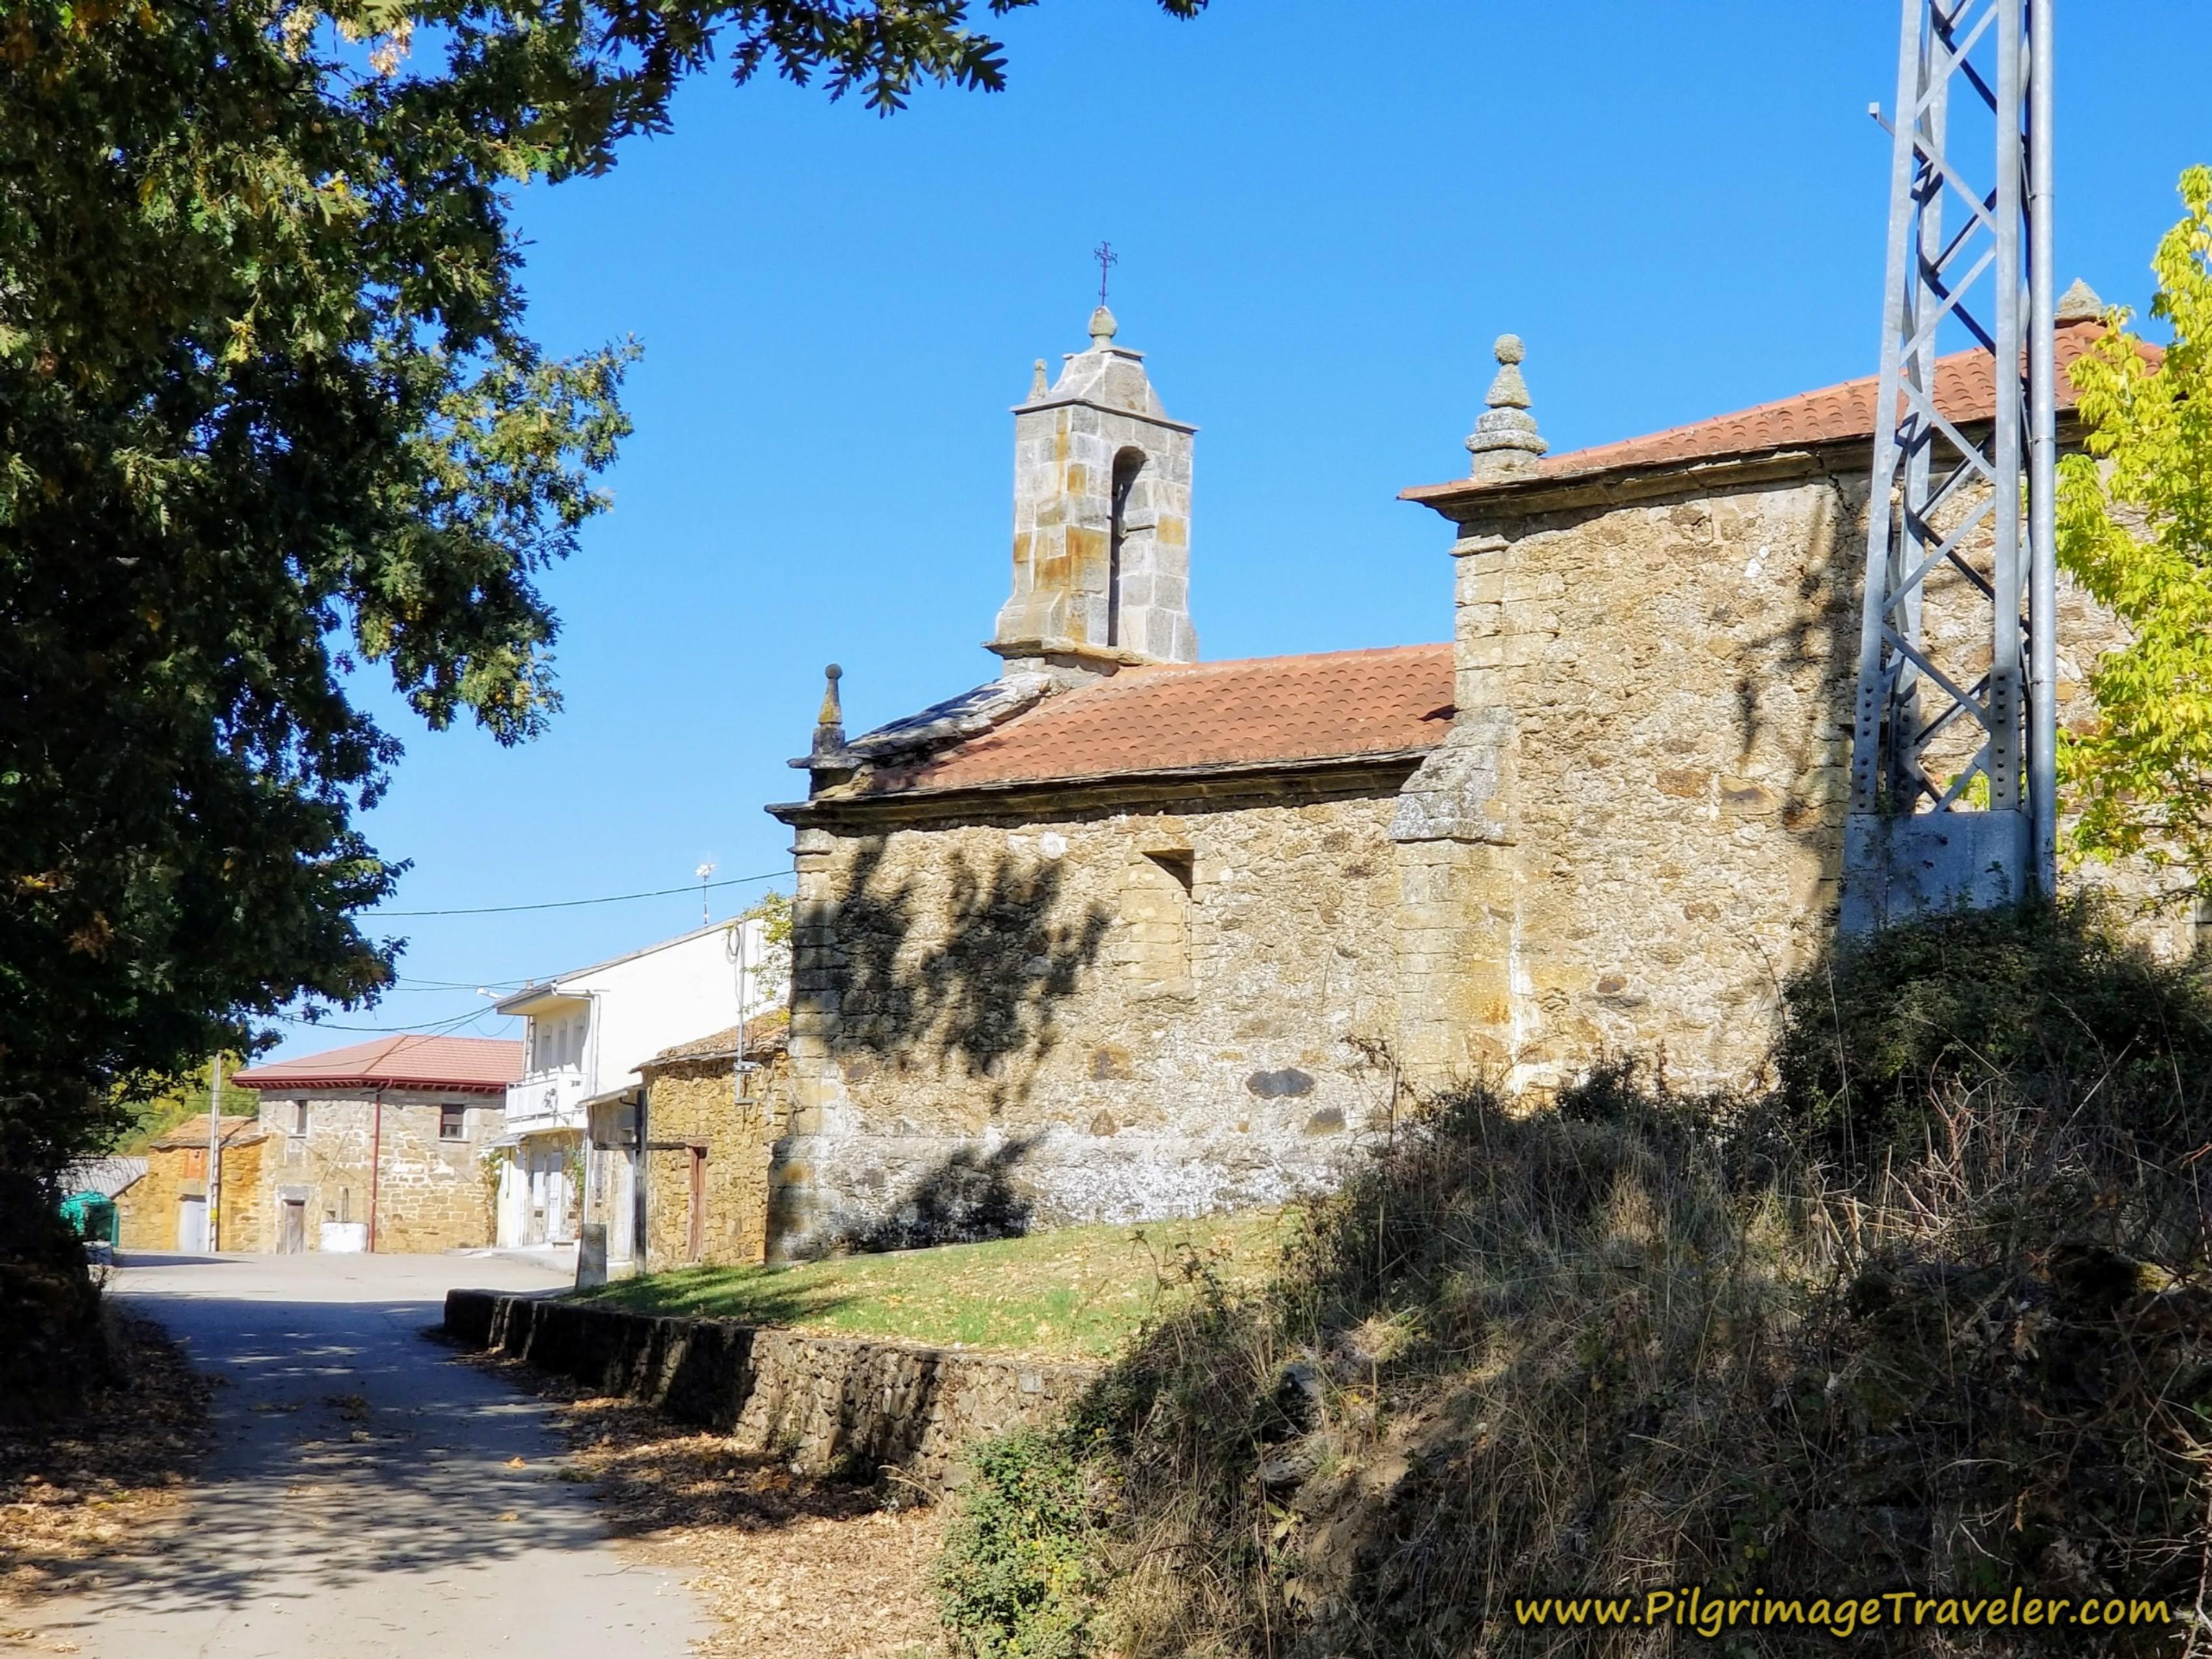 Ermita del Cristo, Cernadillo, Camino Sanabrés from Rionegro del Puente to Entrepeñas